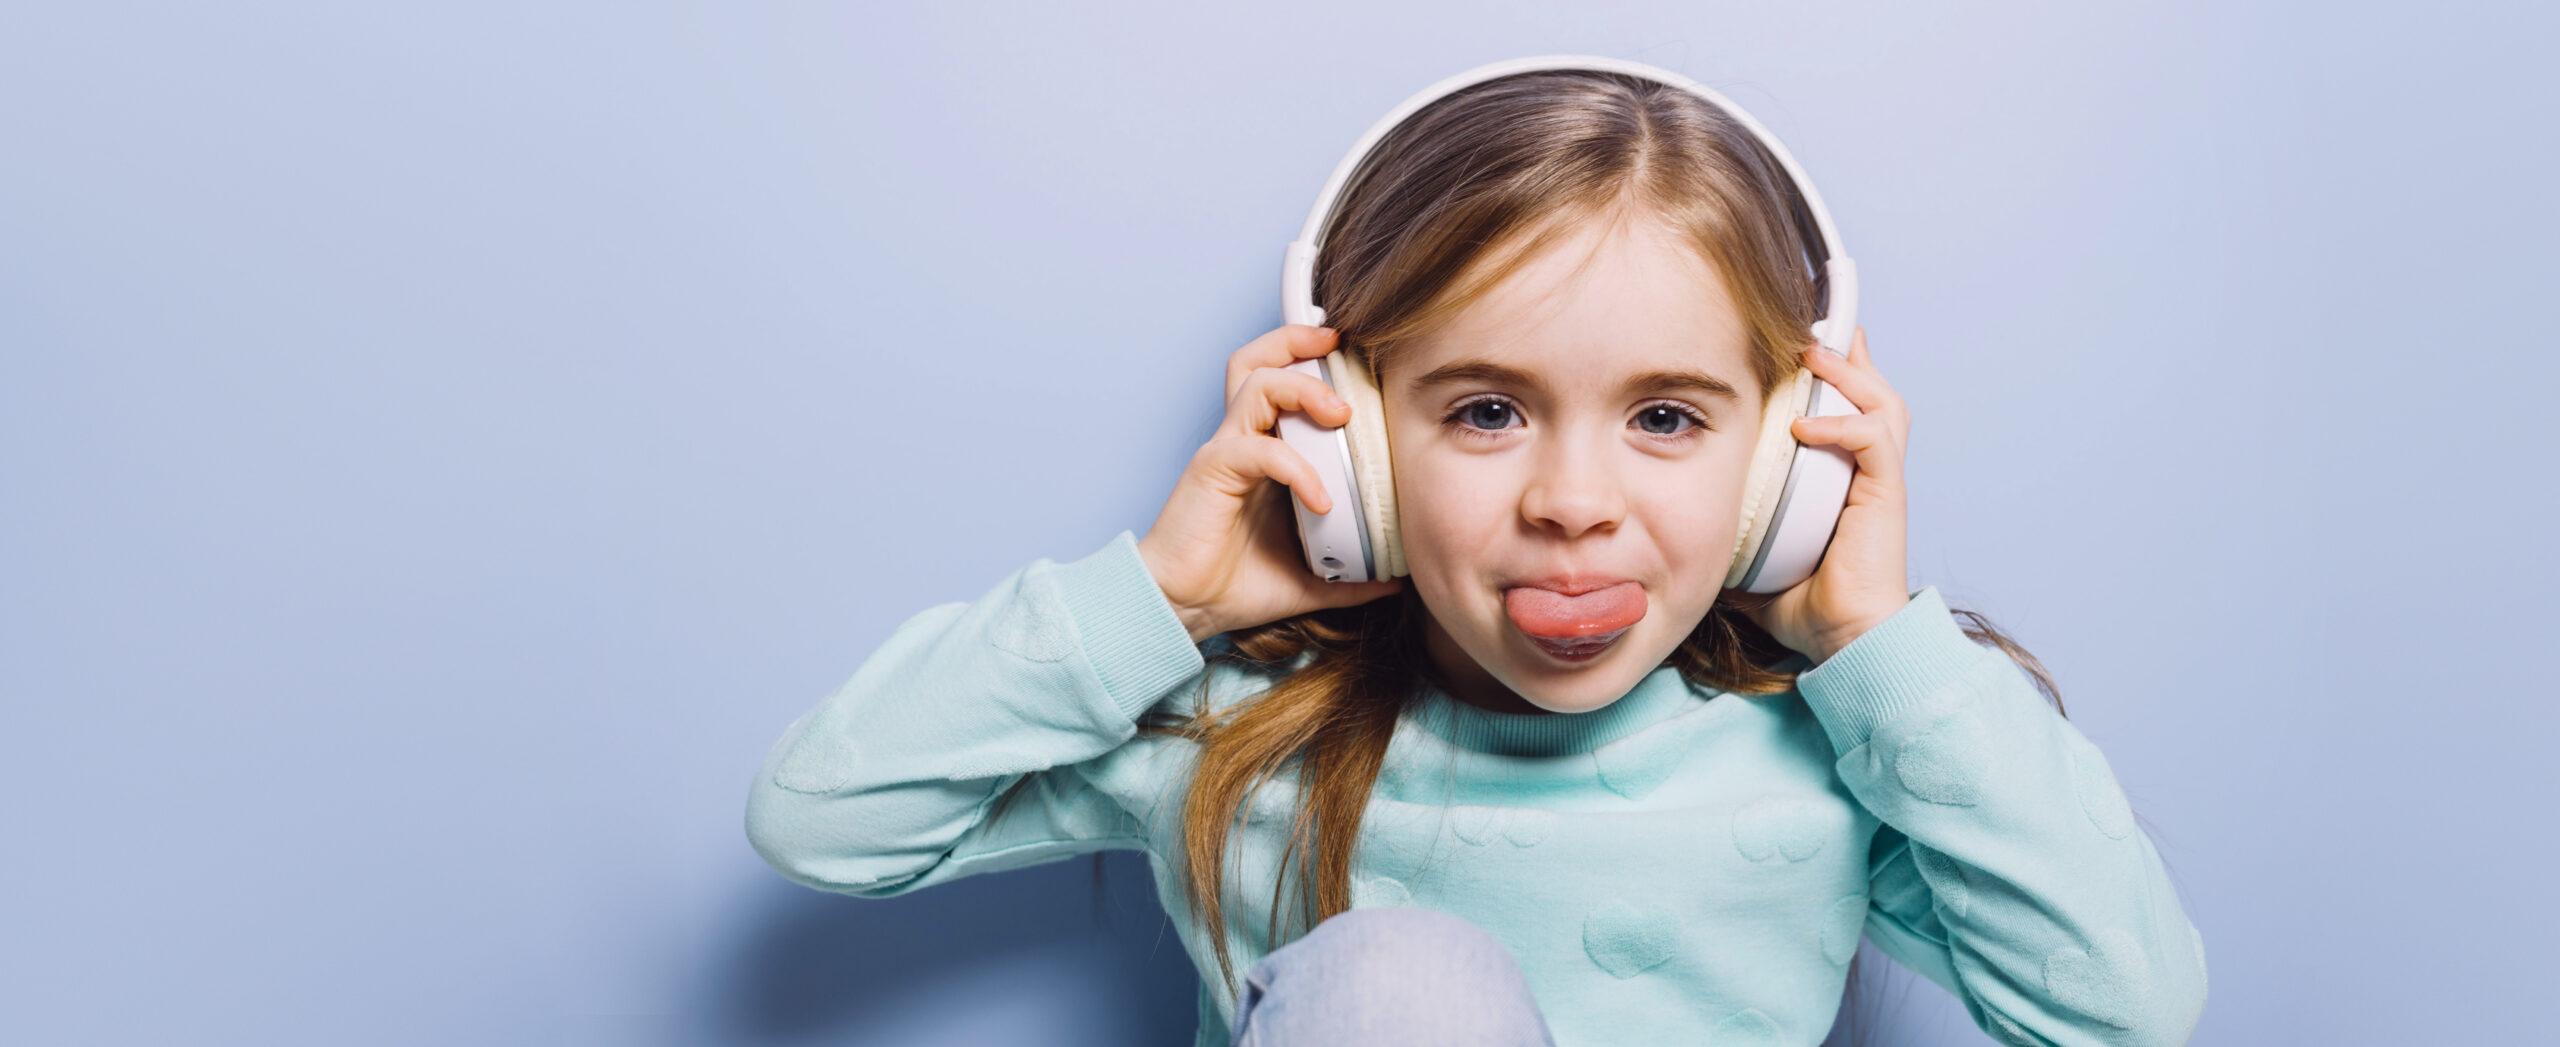 meisje-headphone-2